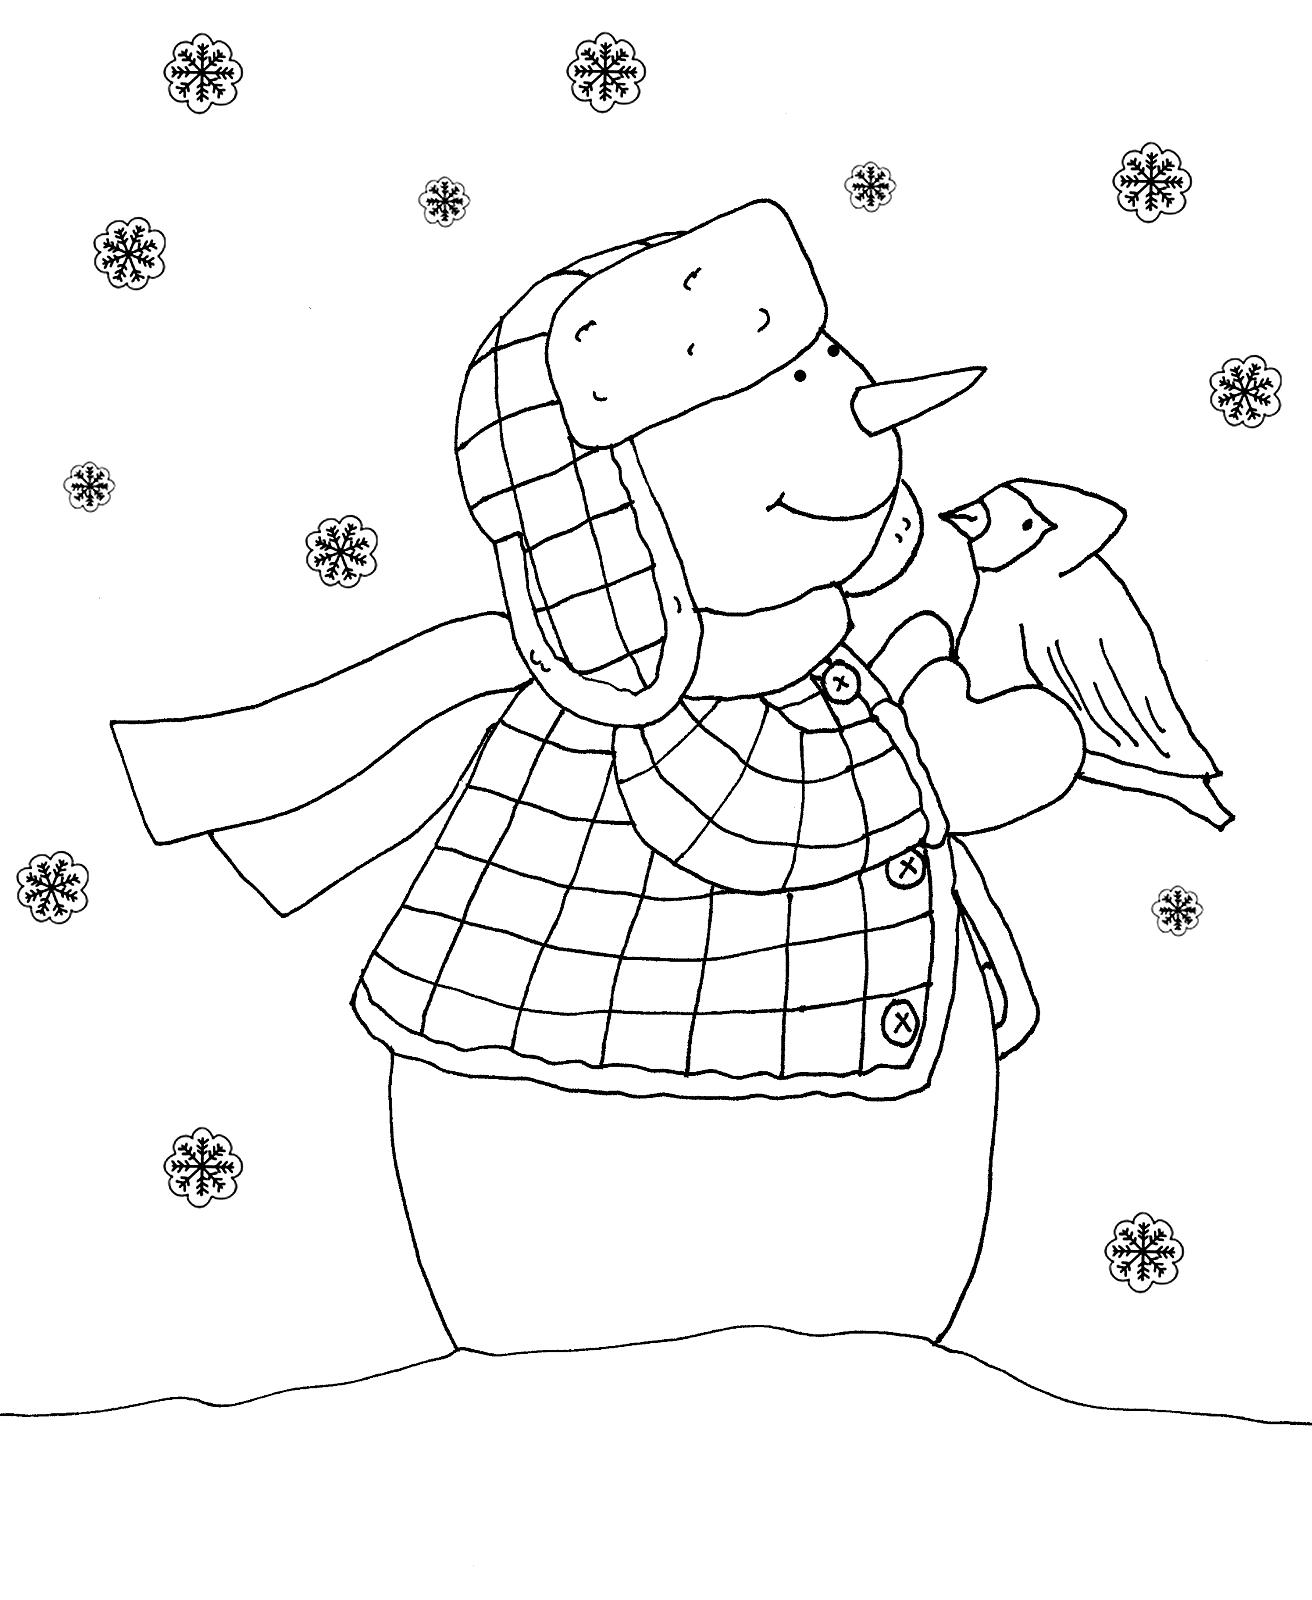 Раскраска Снеговик и птичка